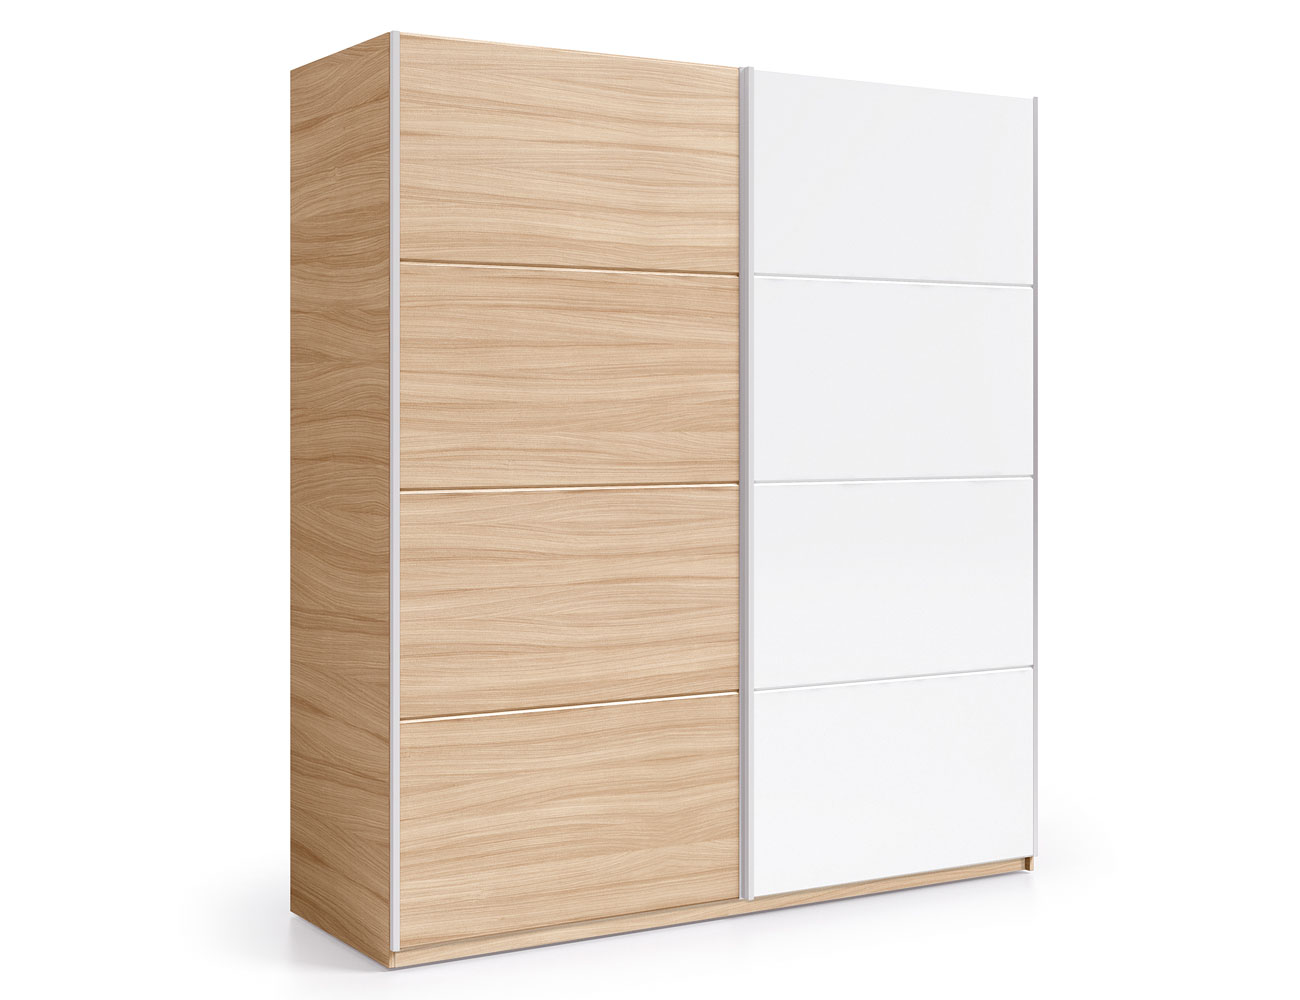 Armario puertas correderas roble blanco 180 cm 2